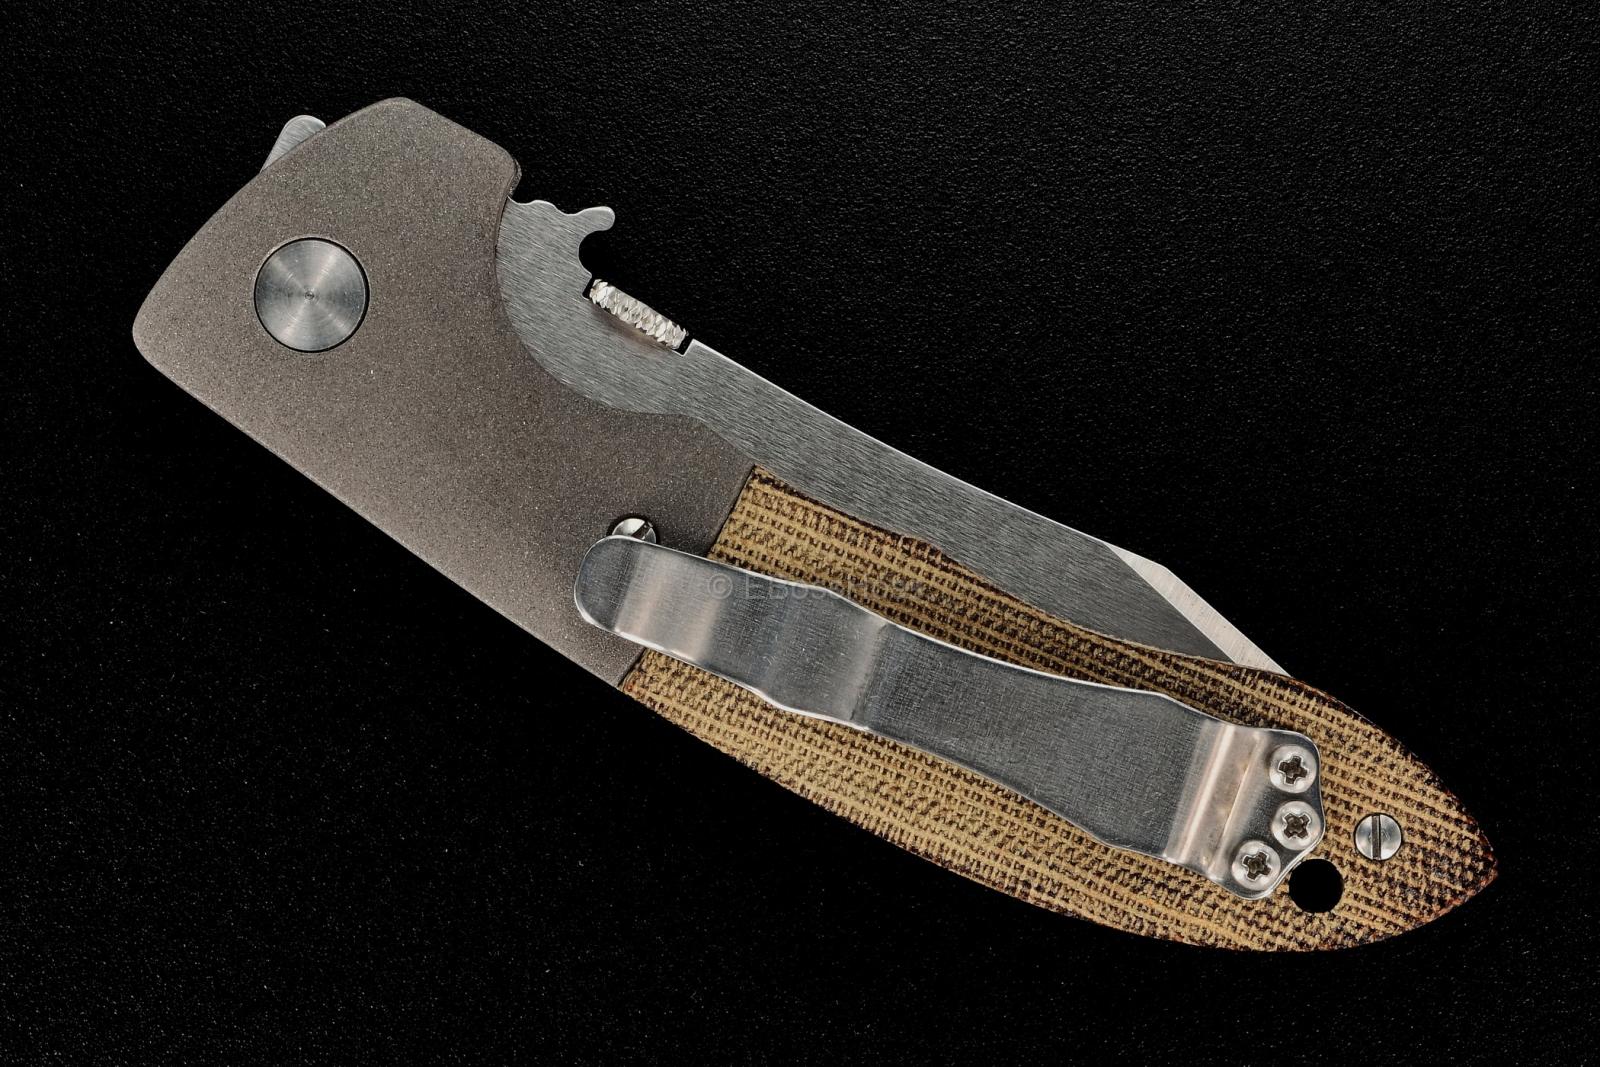 Ernie Emerson Custom Bolstered Mini CQC-8 (aka: Horseman)